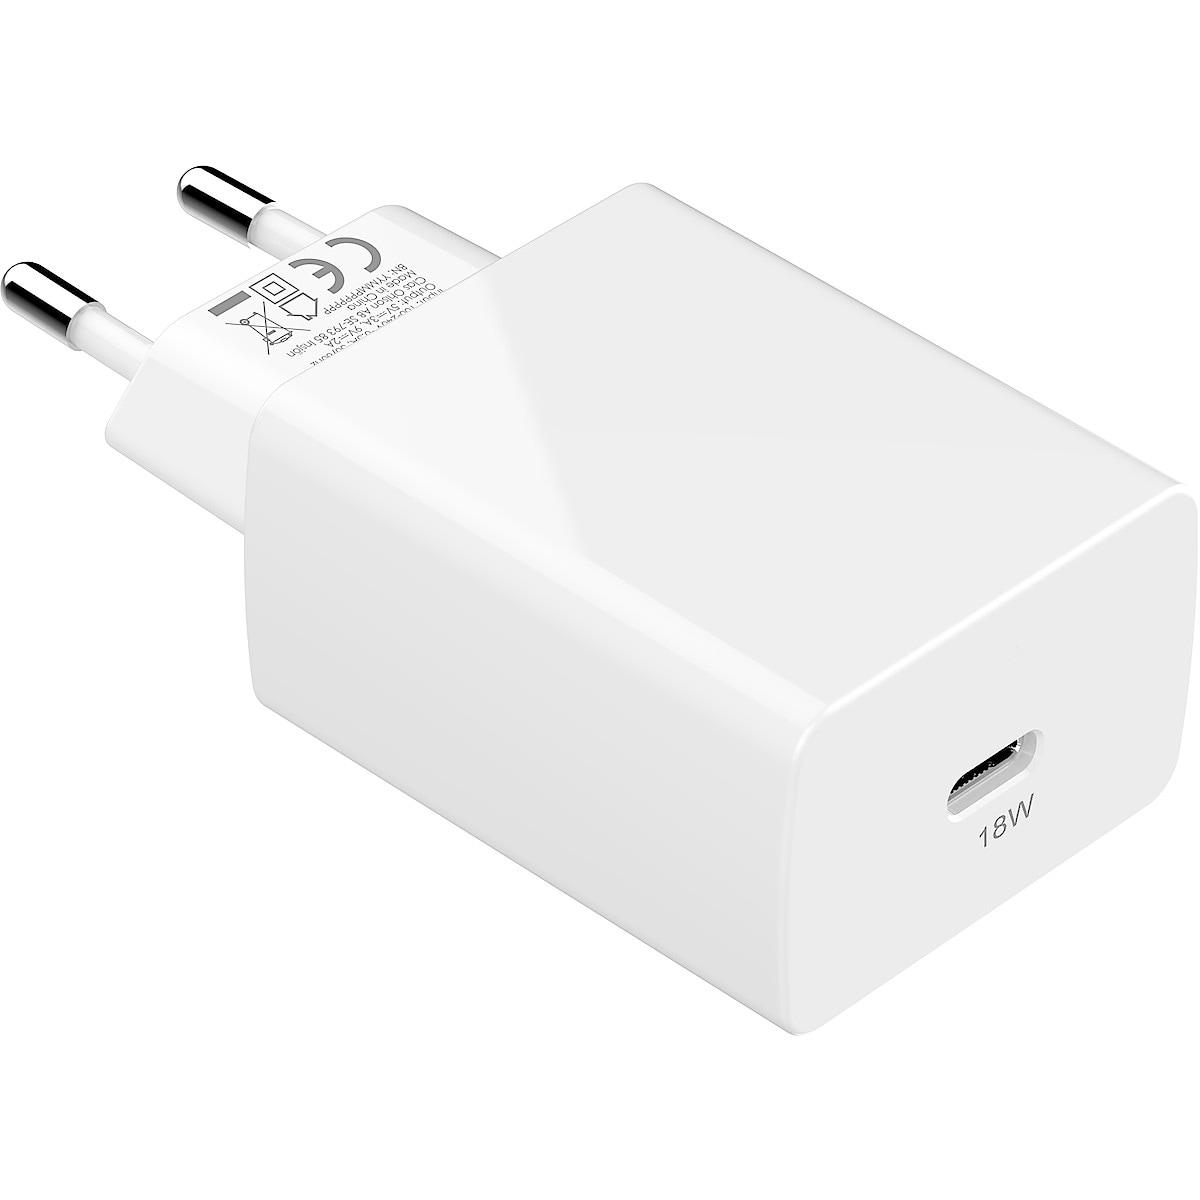 Laddare USB C 18 W, Exibel till julklappspris